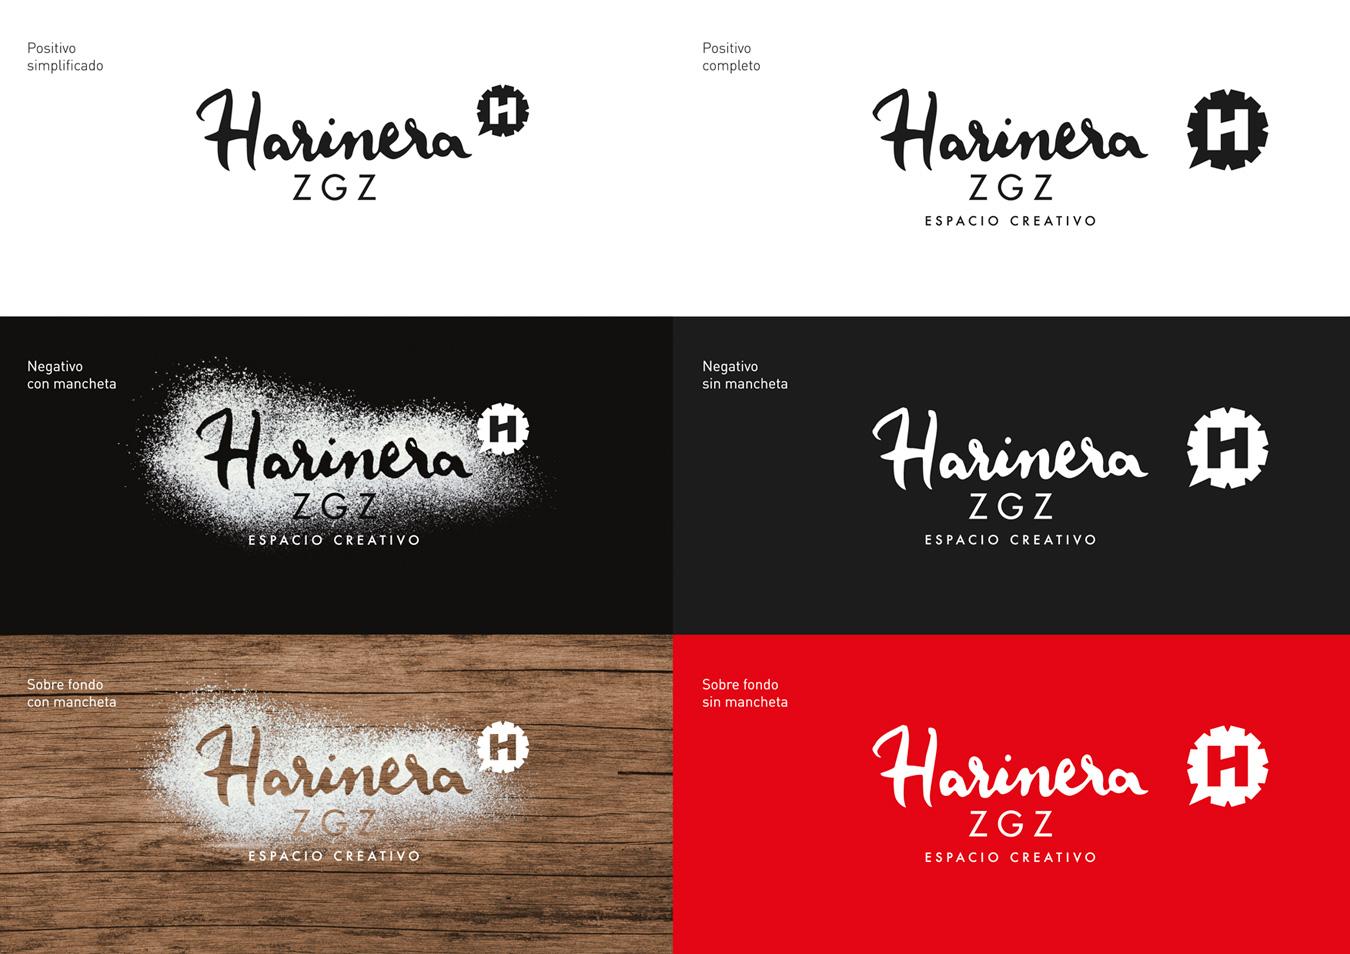 logotipo-Harinera-ZGZ-concurso-05